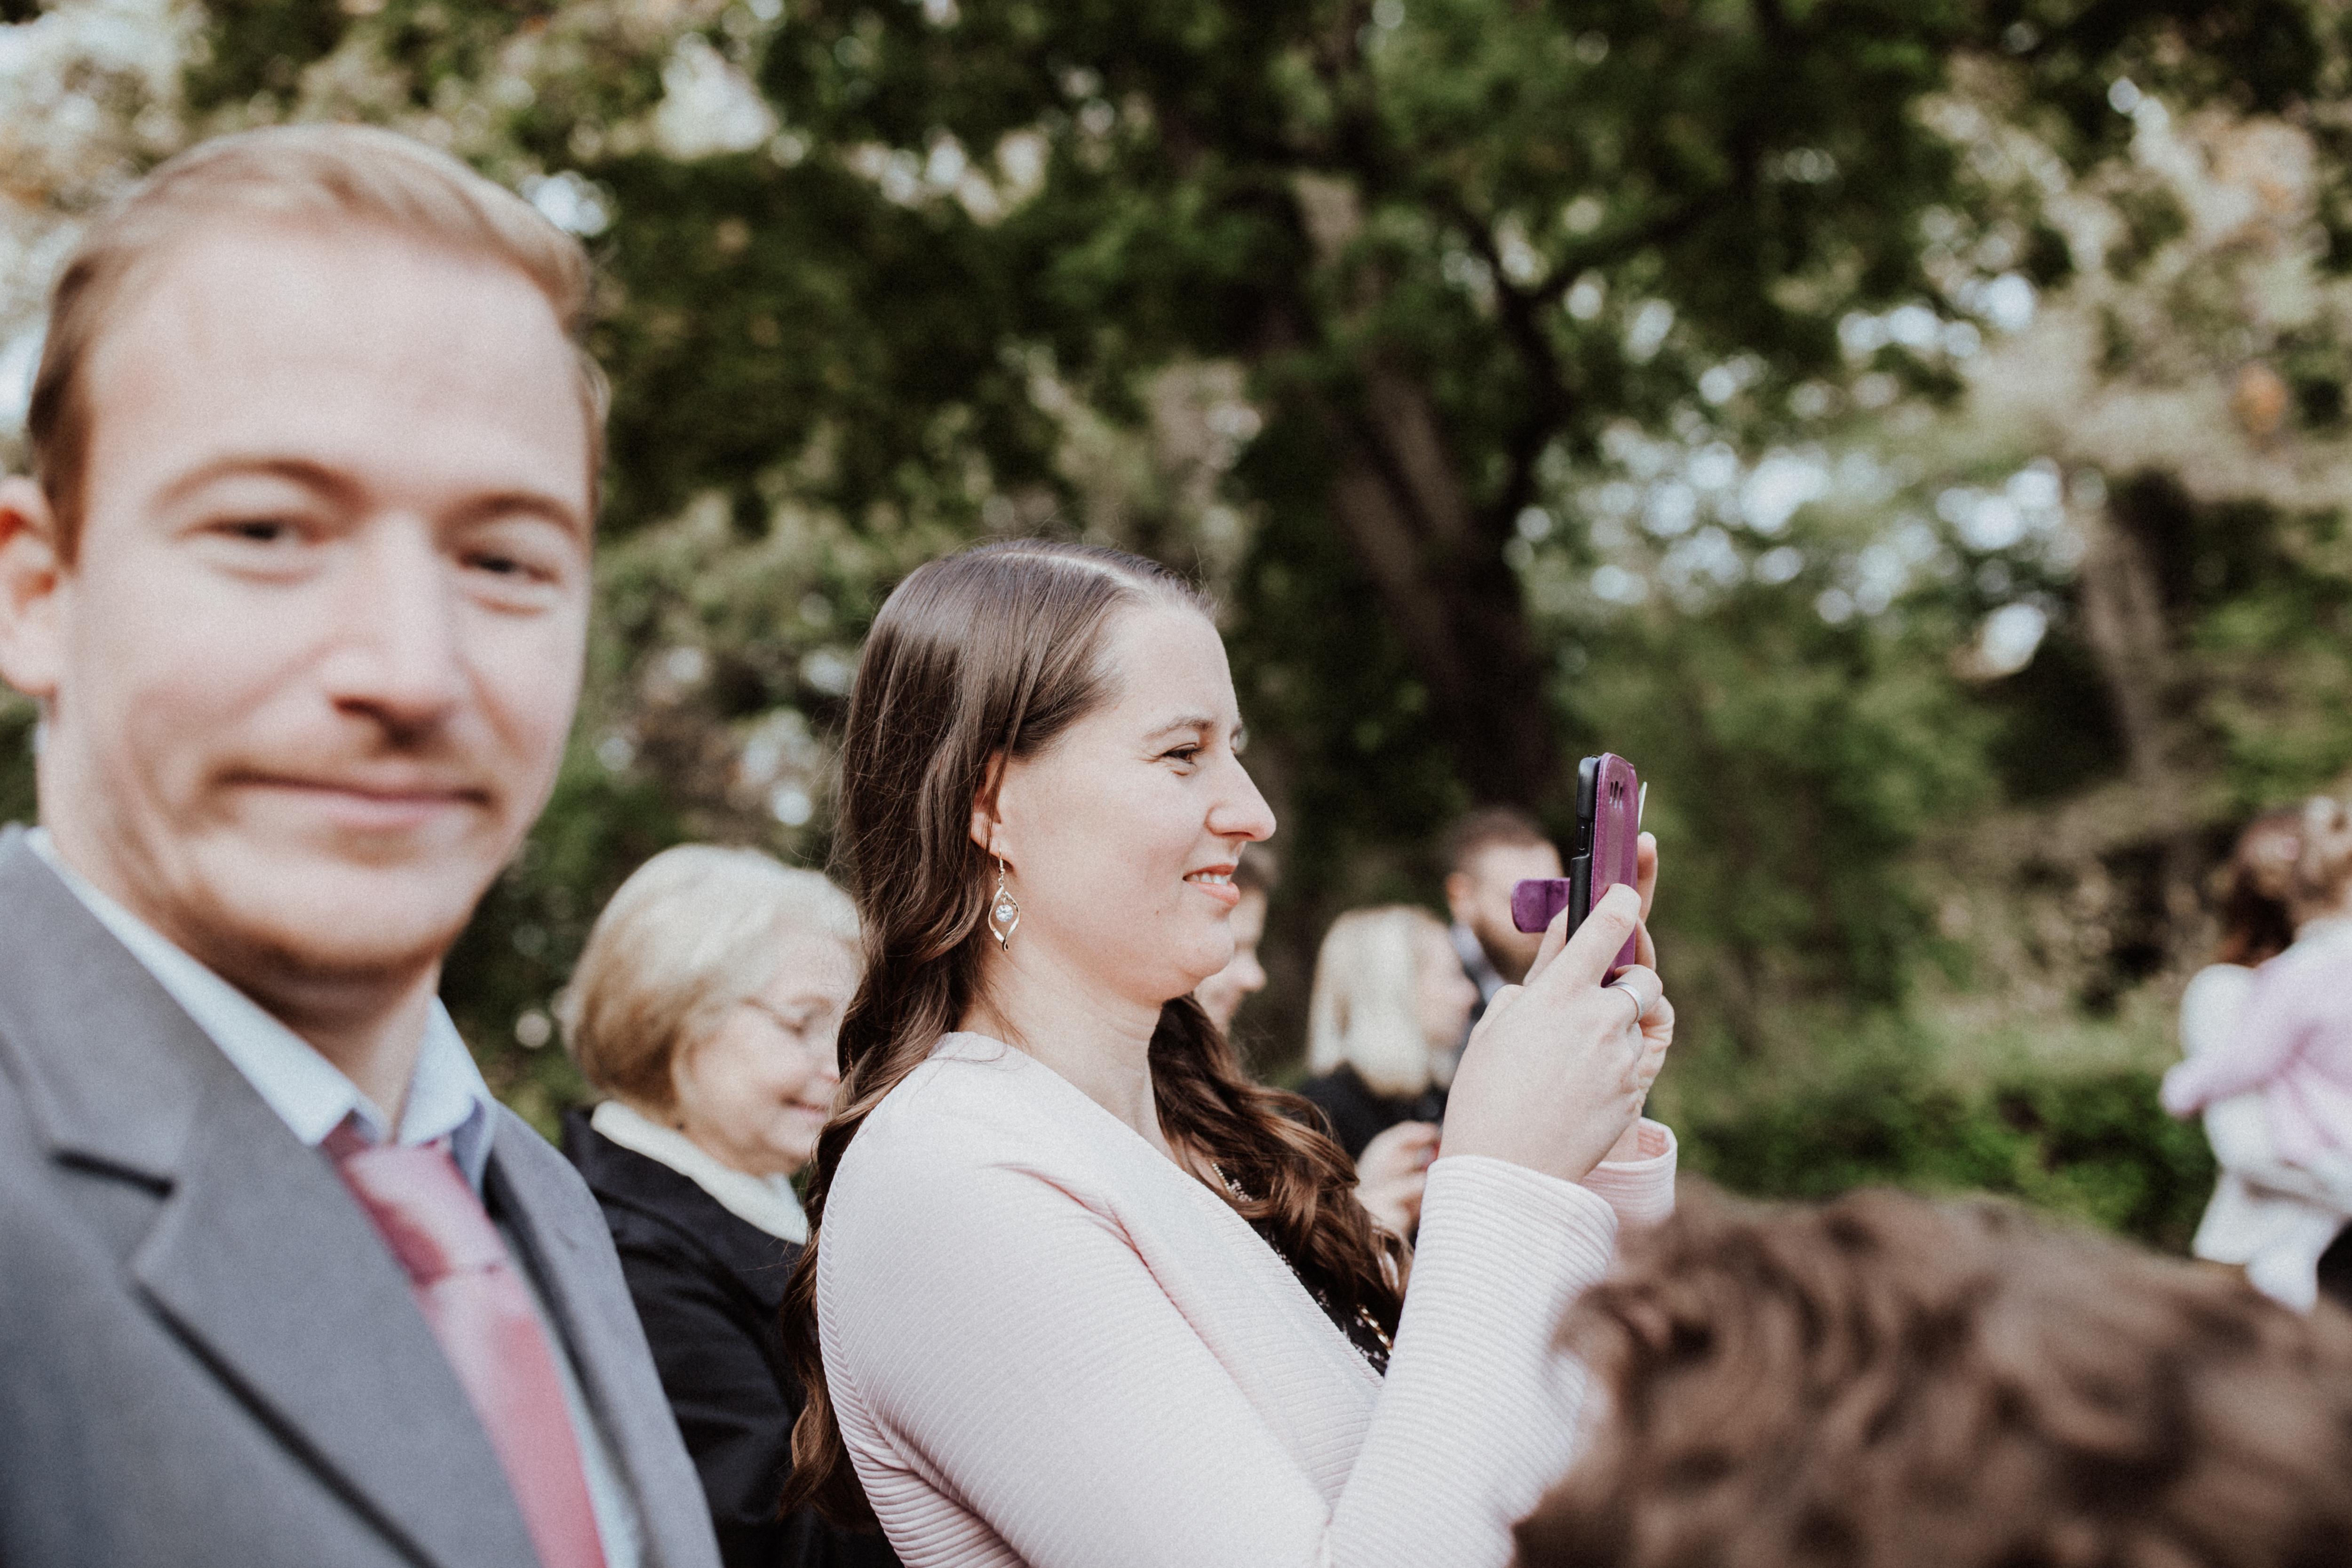 URBANERIE_Daniela_Goth_Hochzeitsfotografin_Nürnberg_Fürth_Erlangen_Schwabach_171007_0101